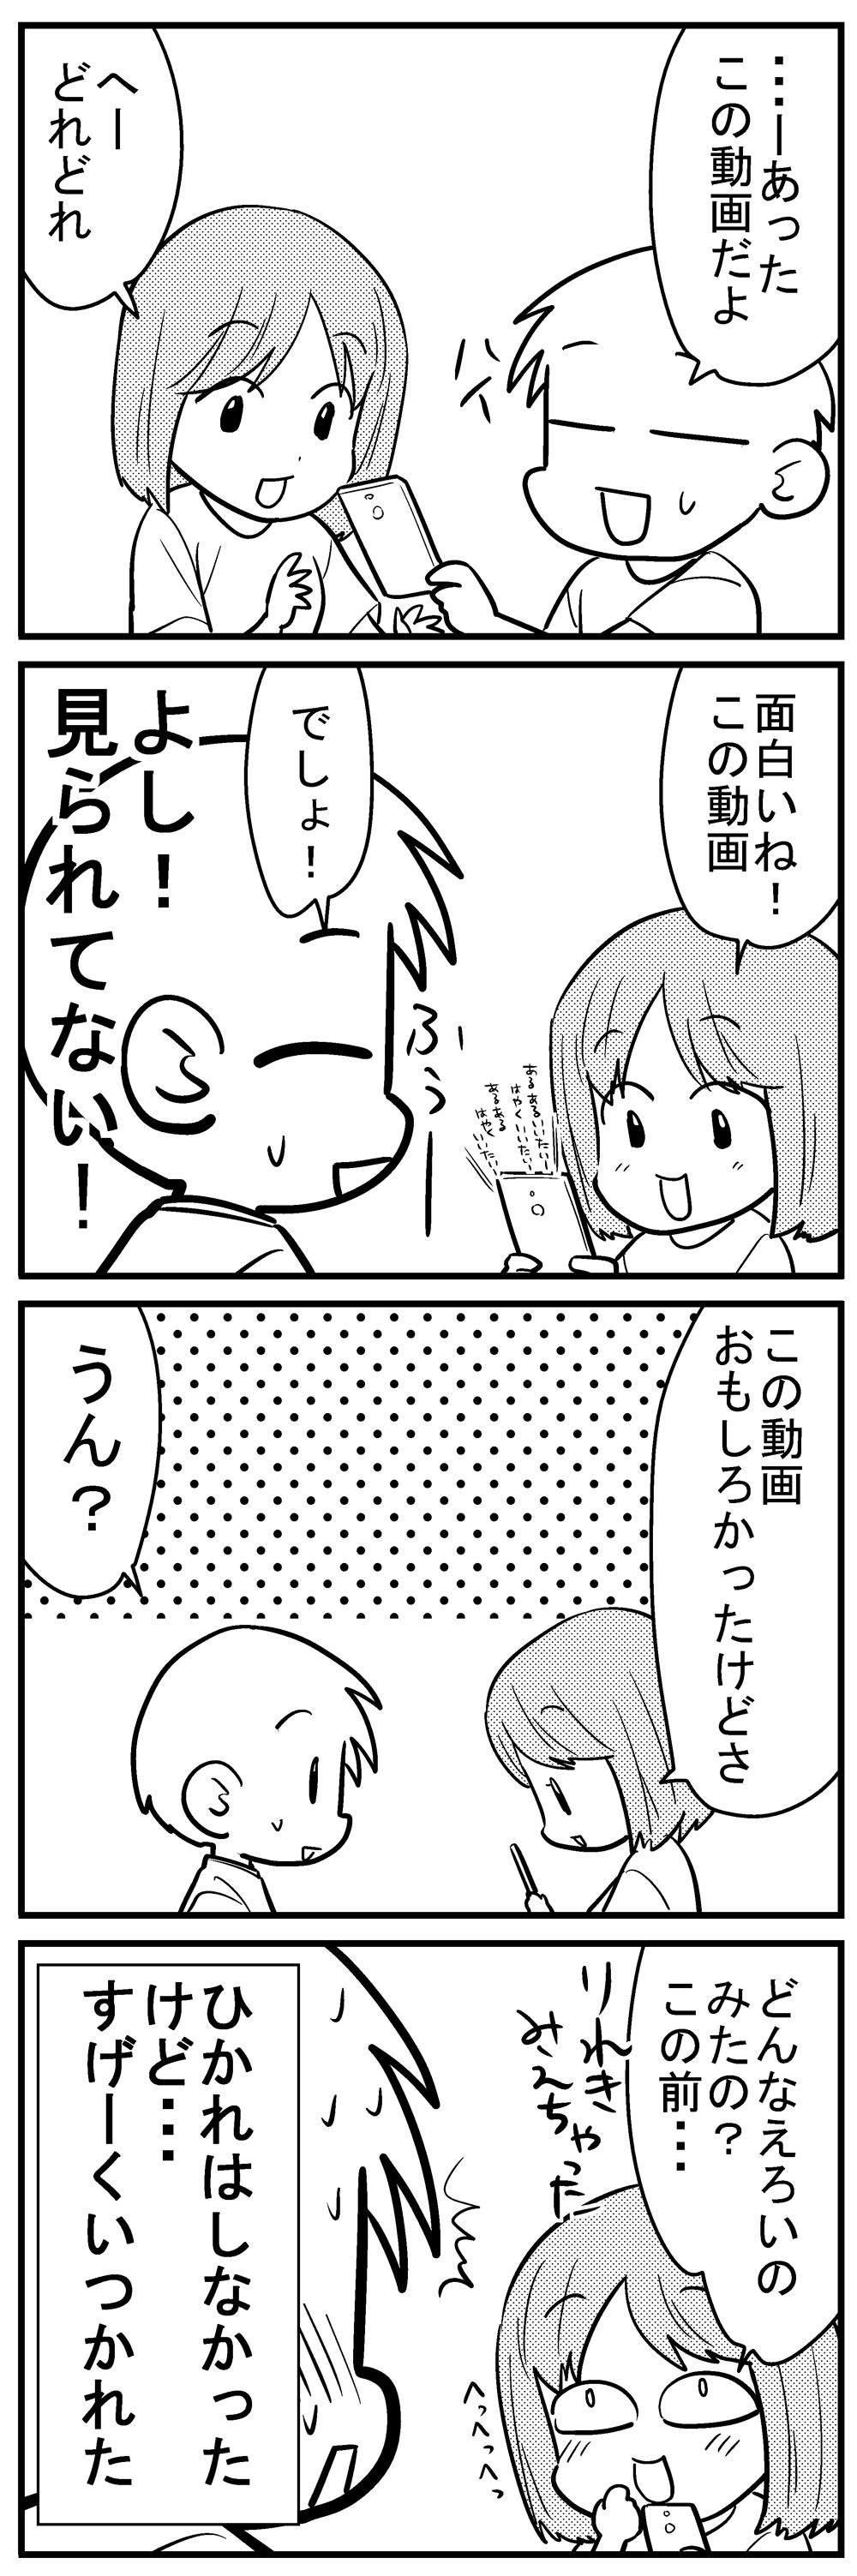 深読みくん59 4